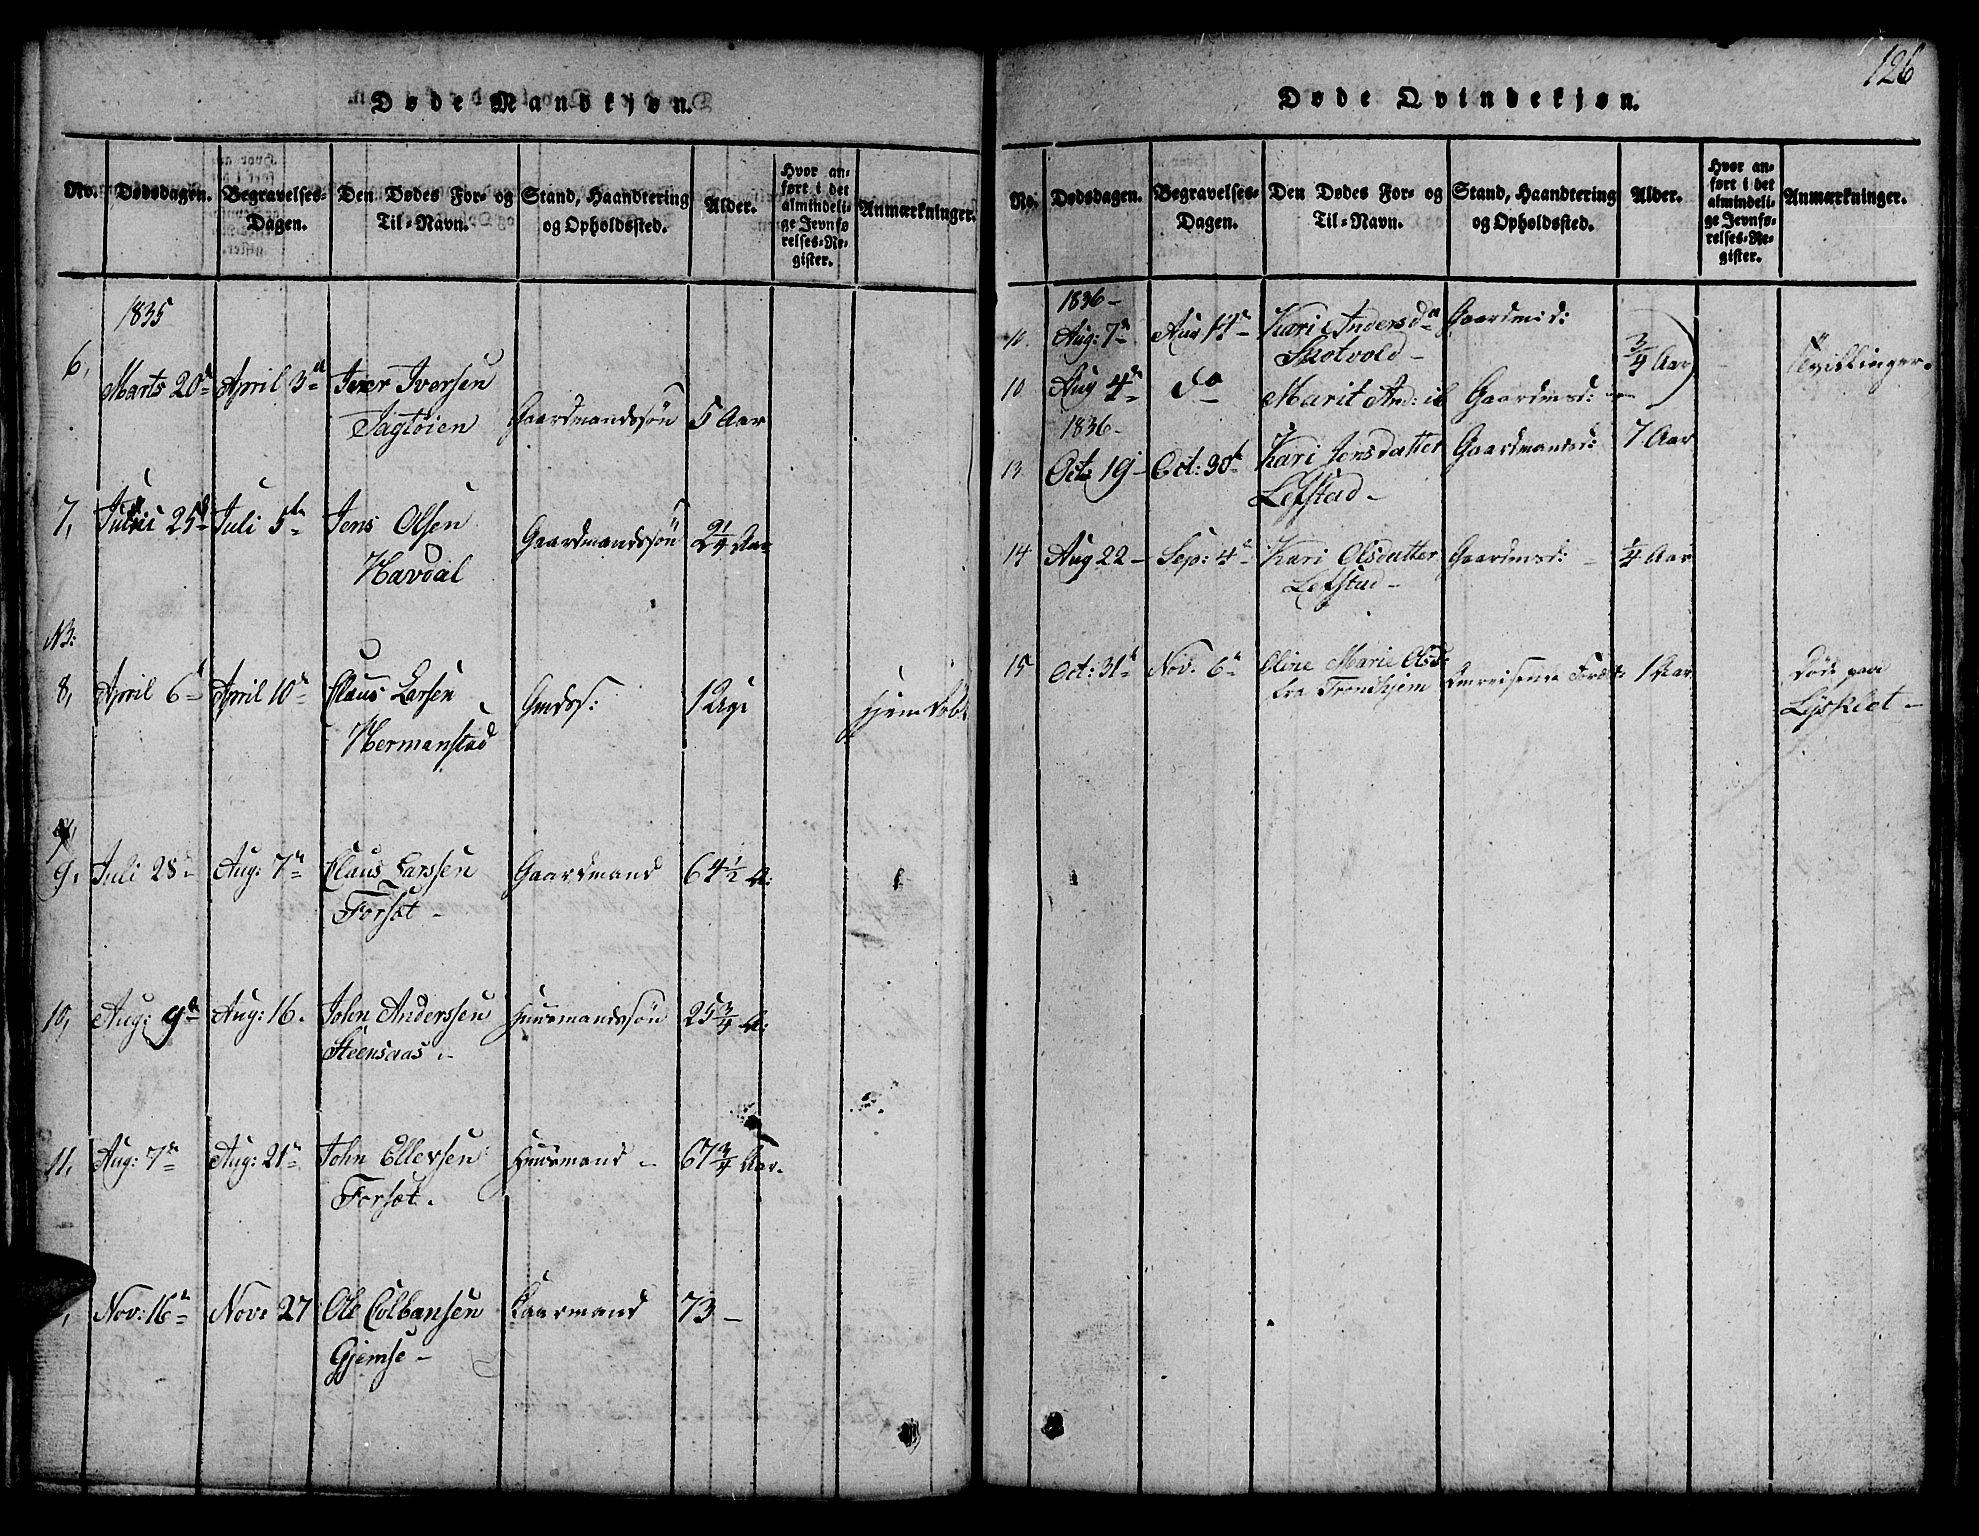 SAT, Ministerialprotokoller, klokkerbøker og fødselsregistre - Sør-Trøndelag, 691/L1092: Klokkerbok nr. 691C03, 1816-1852, s. 126